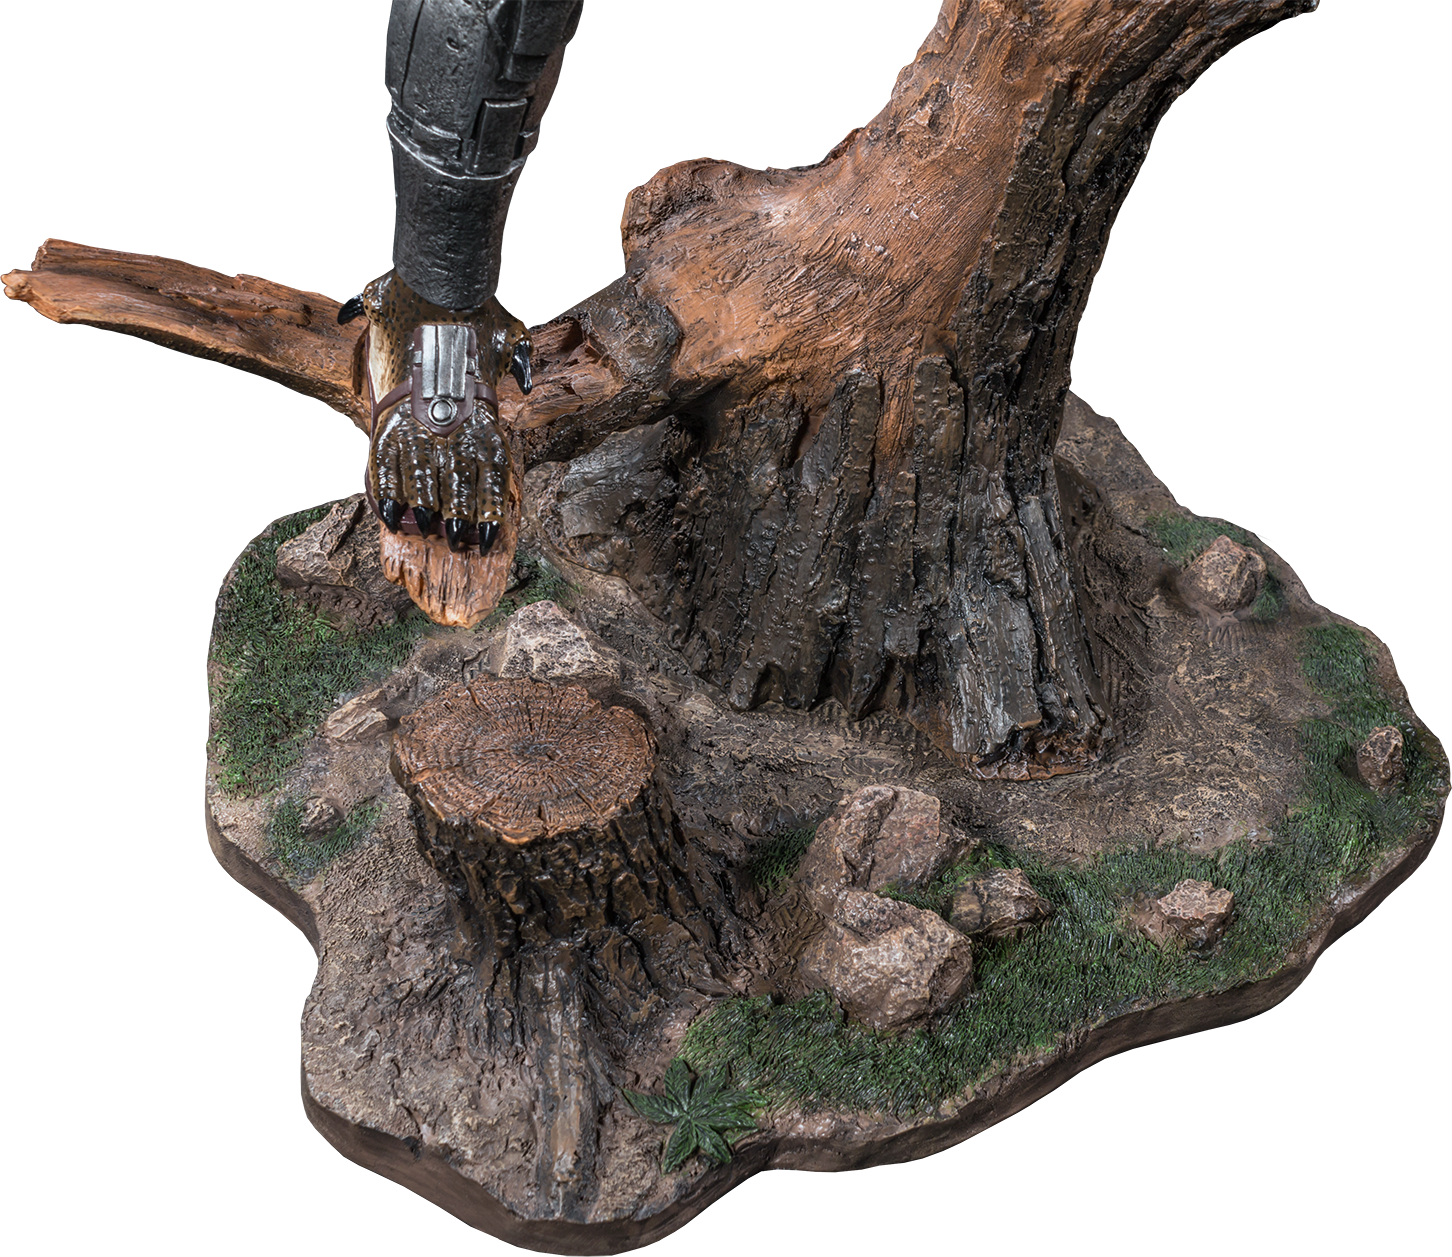 IKO0965-Predator-Statue-18.png